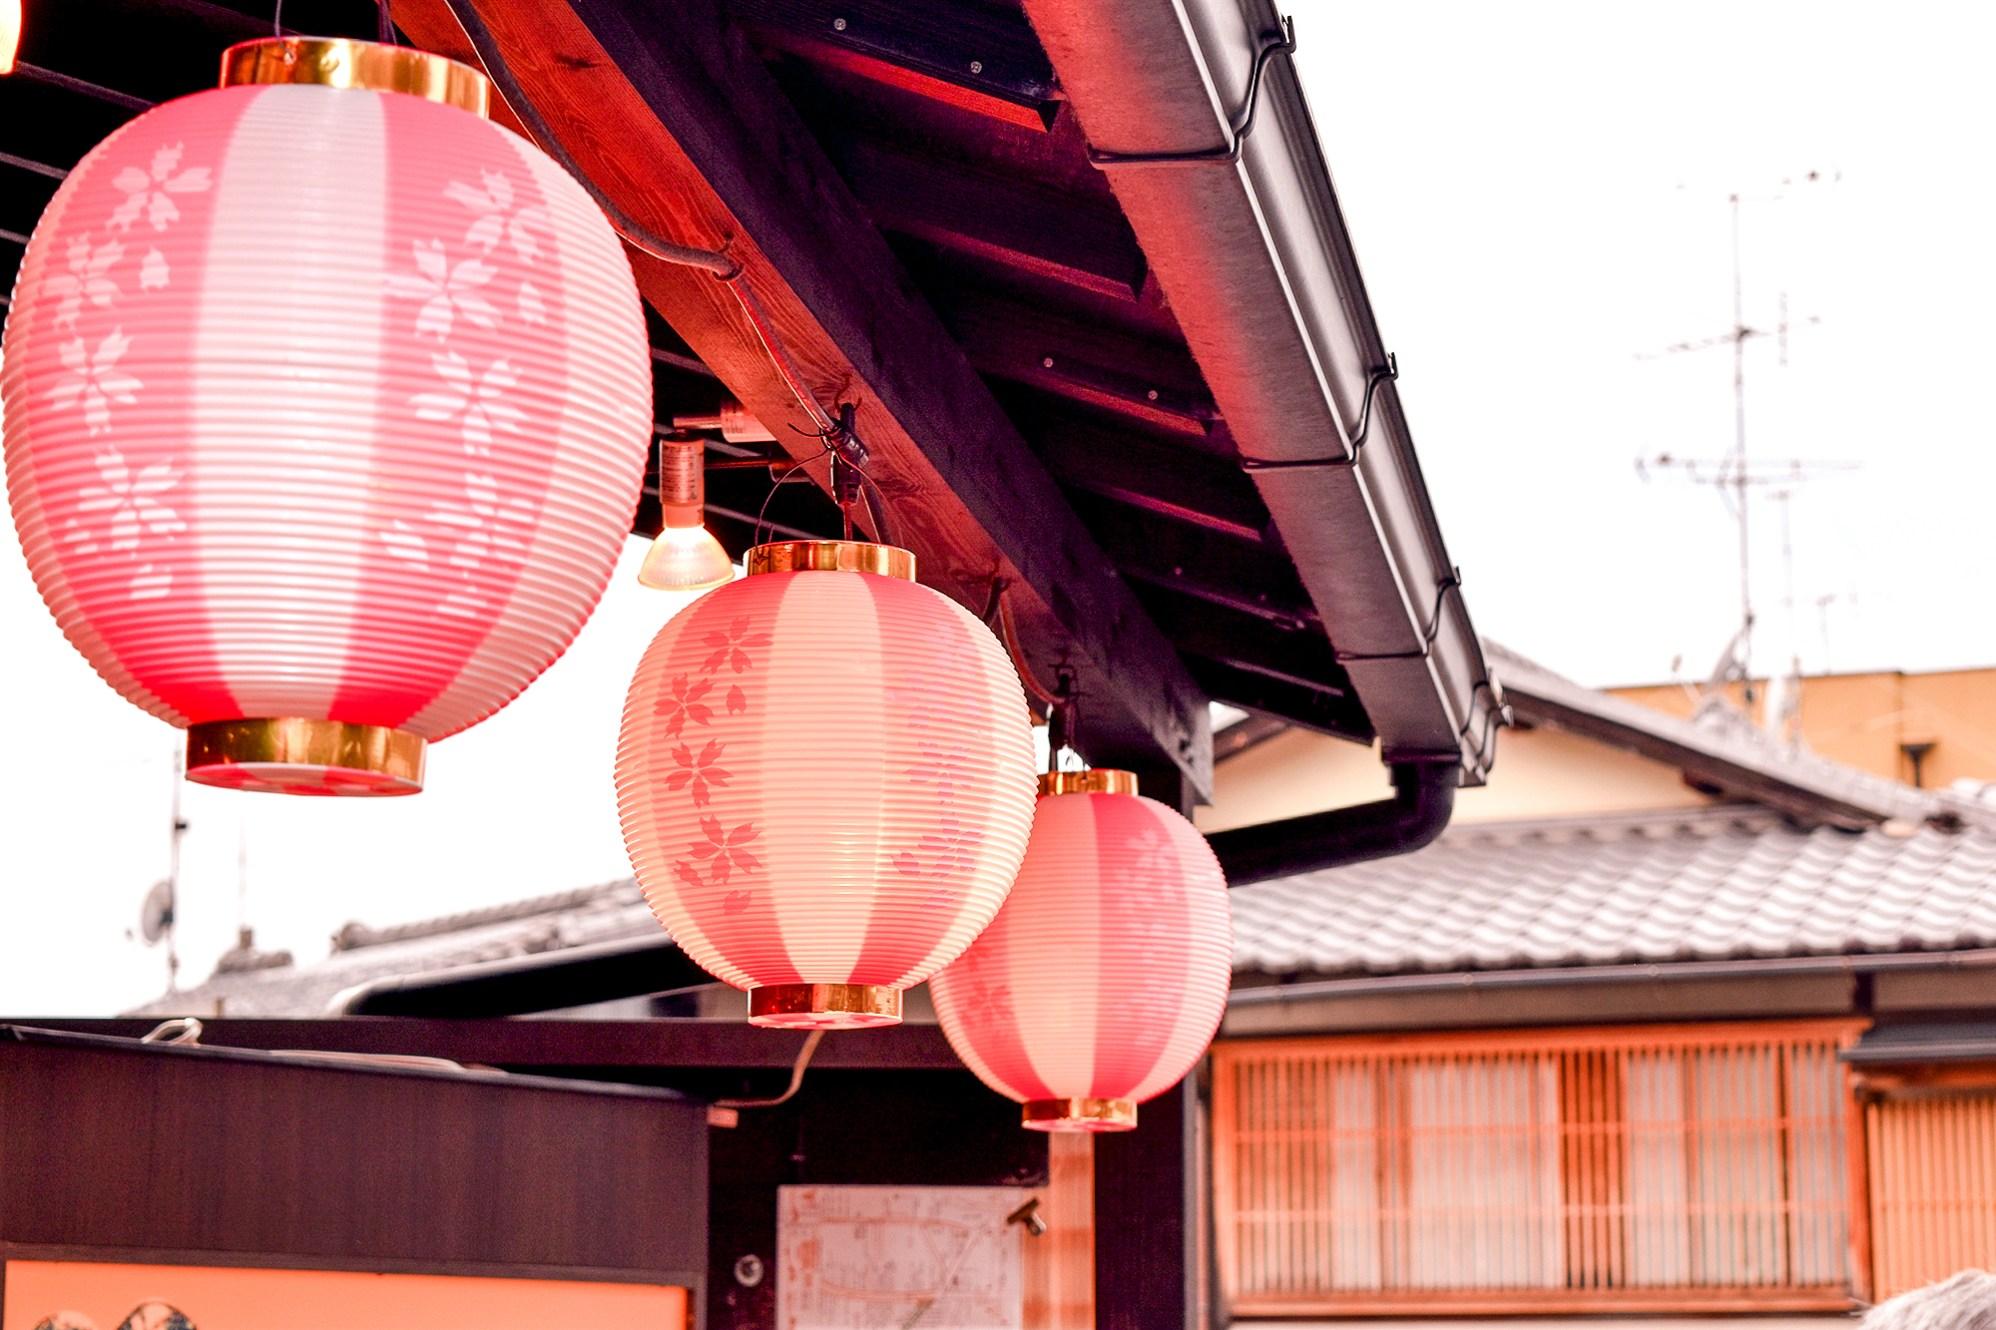 Lanterns adorned with sakura